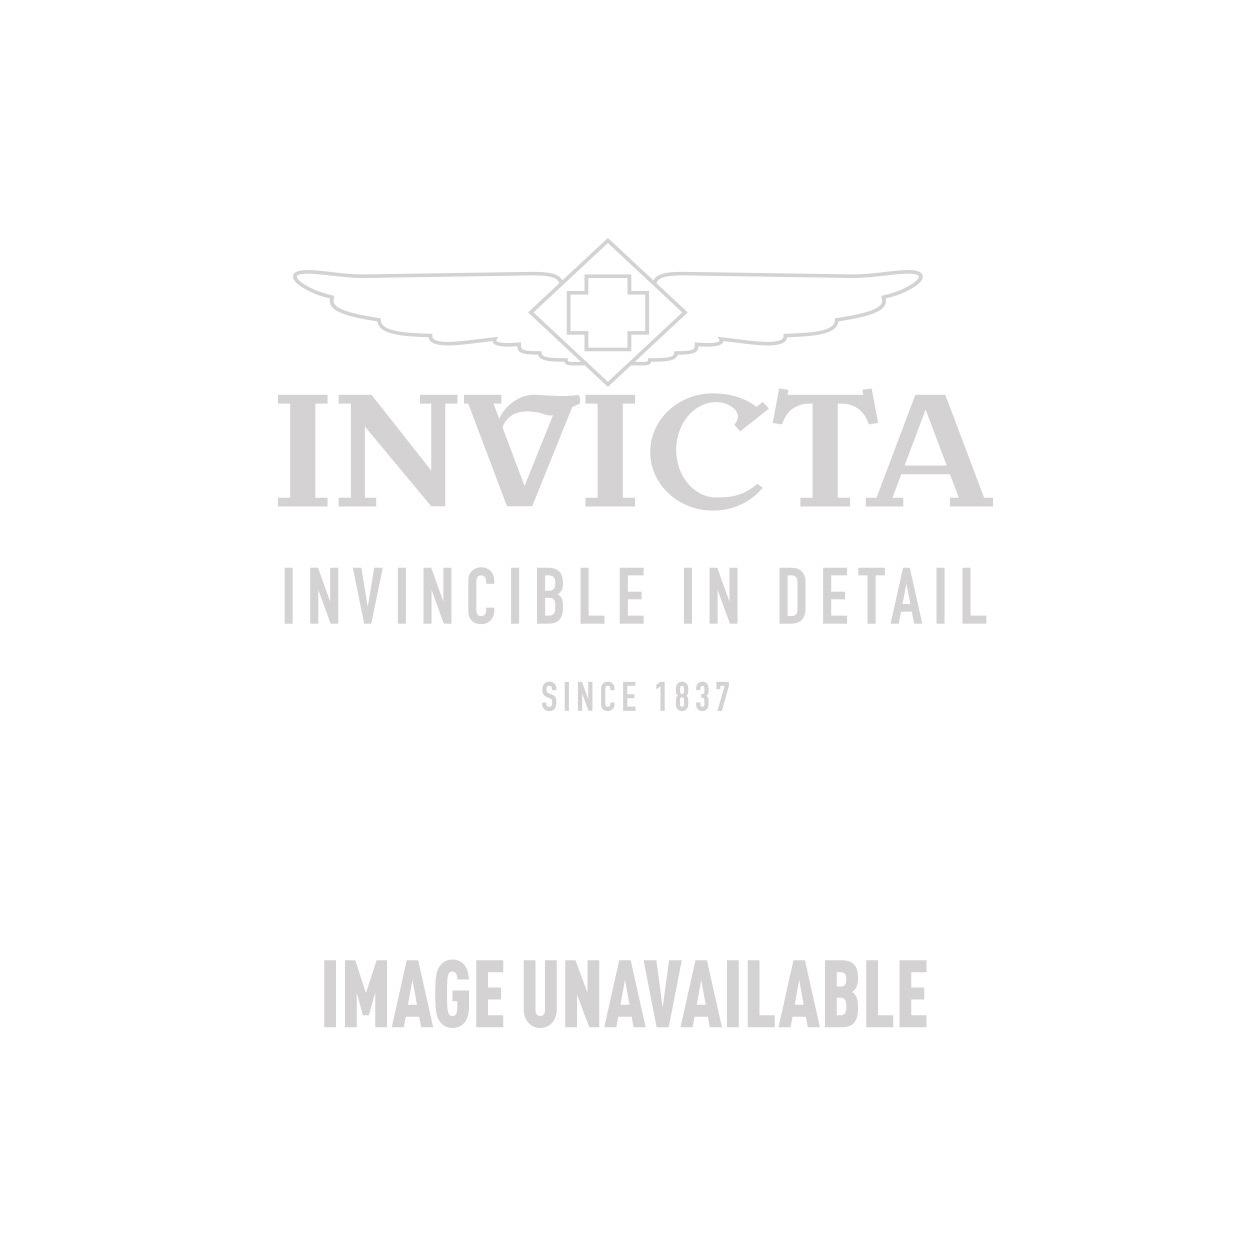 Invicta Model 28163